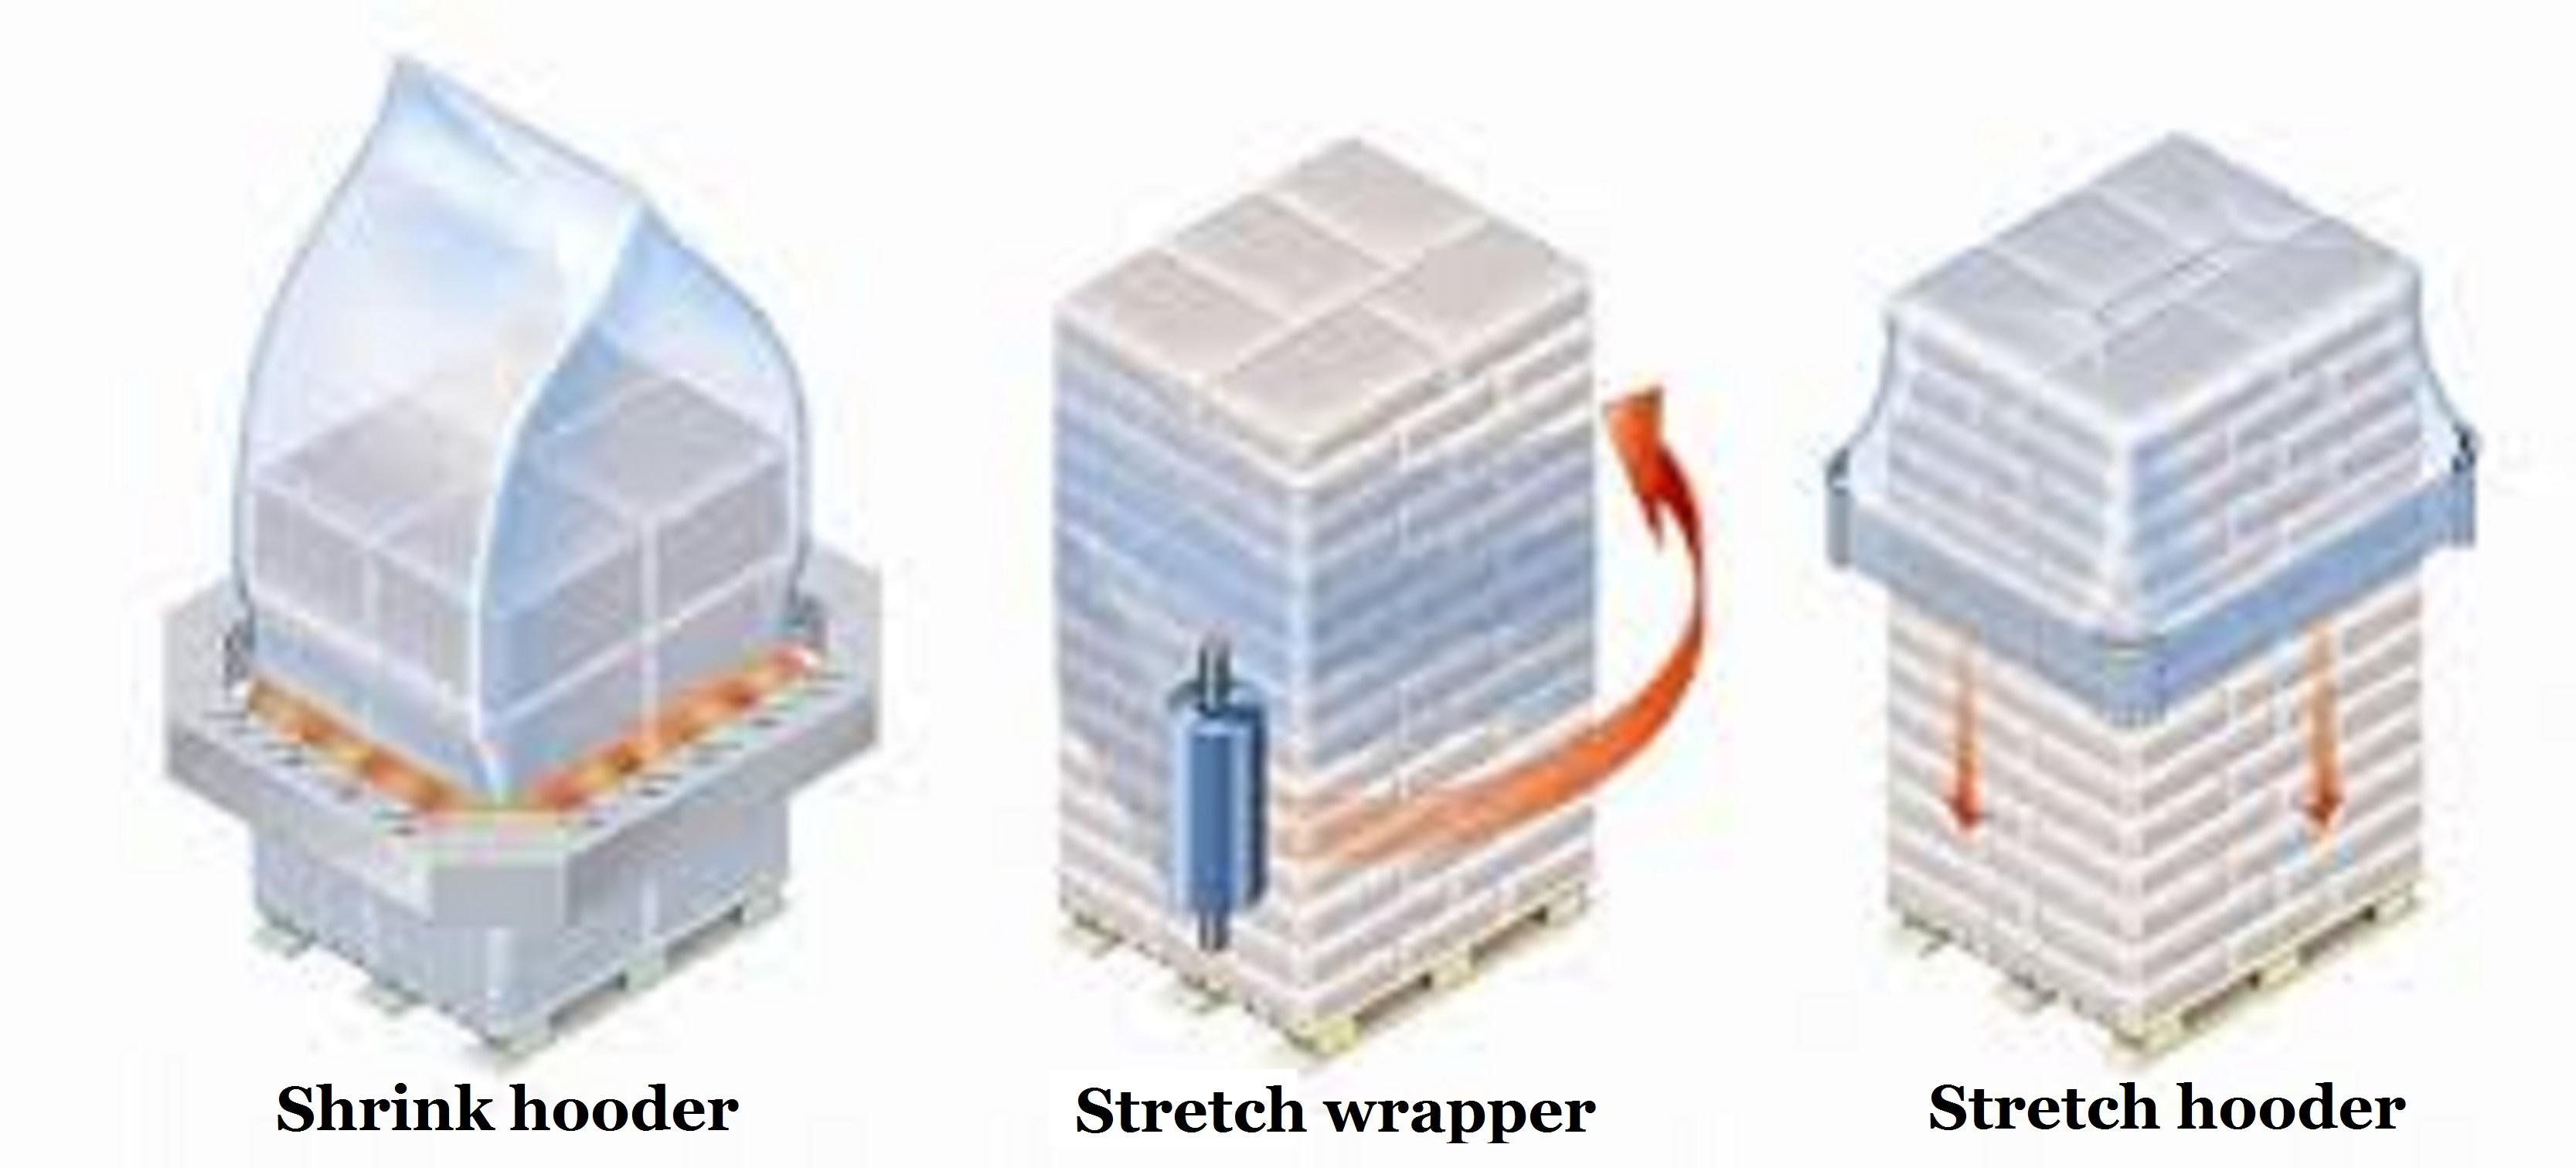 انواع روشهای پالت بندی در صنعت